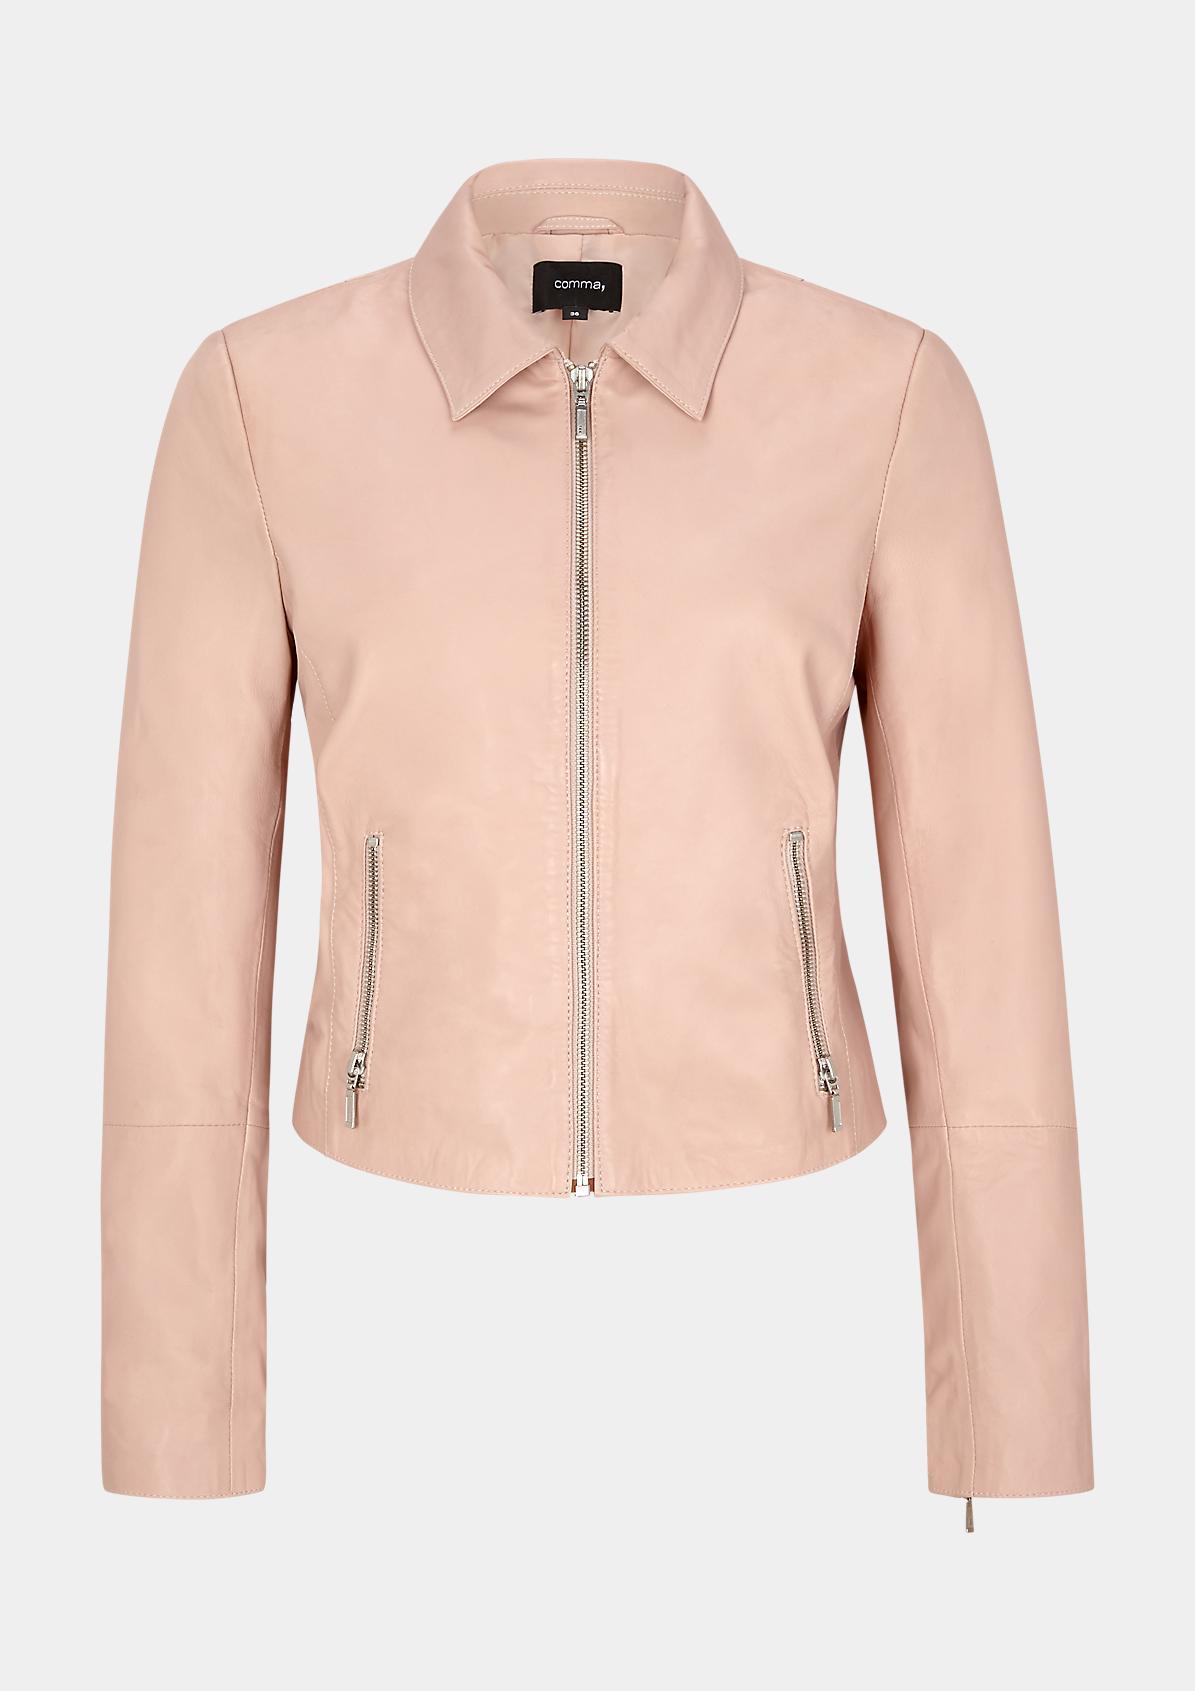 Jacke aus softem Nappaleder